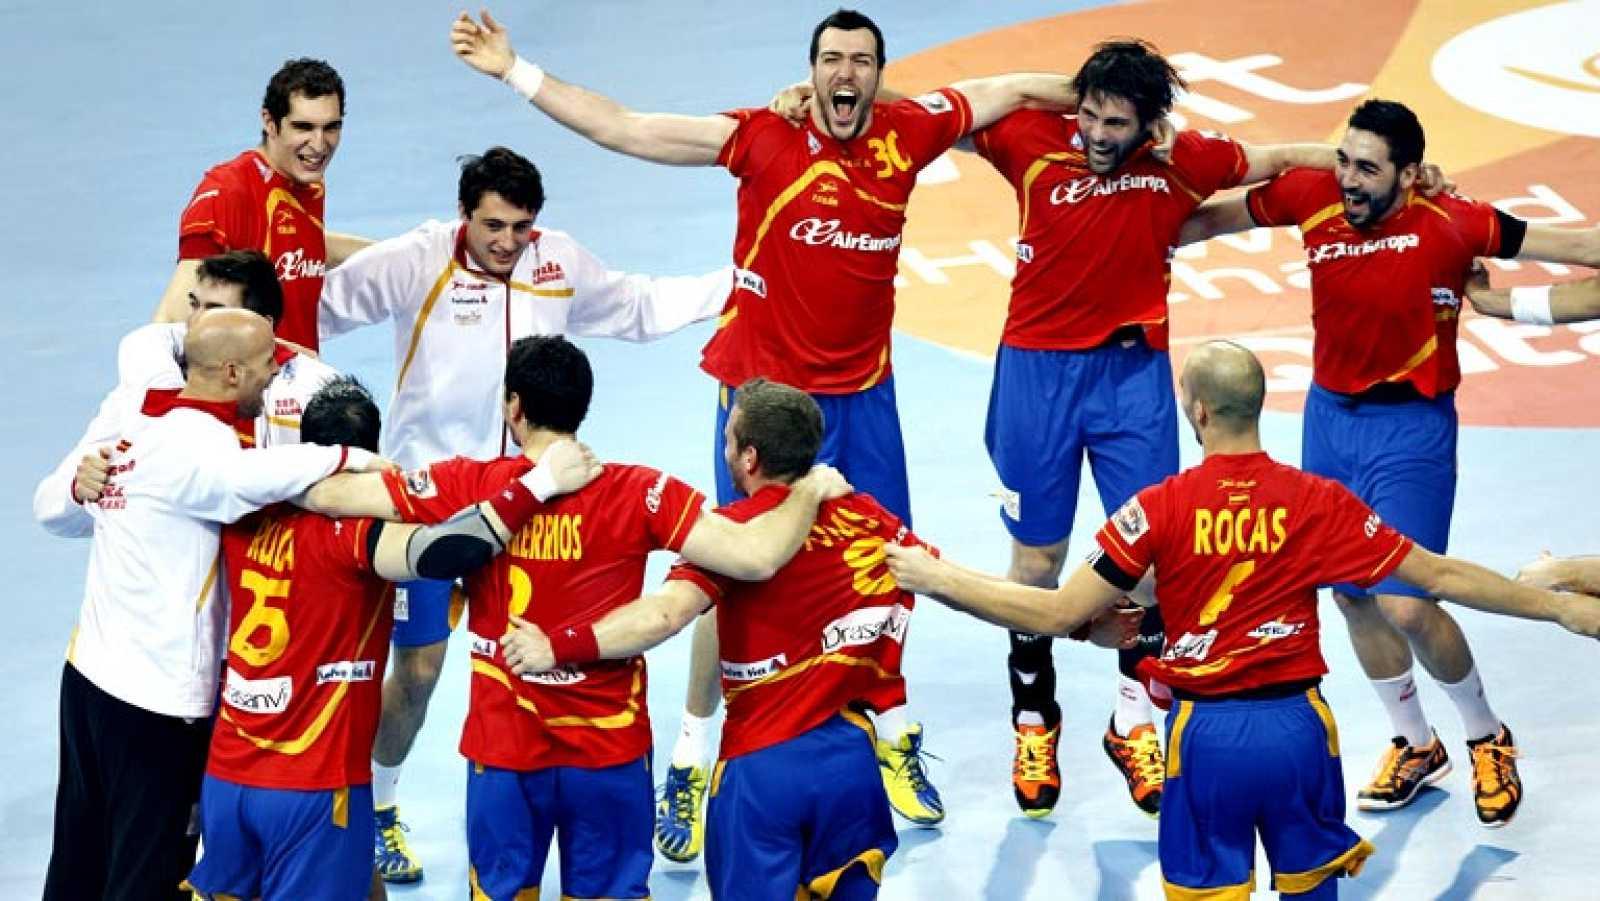 La selección española de balonmano ha ganado a Eslovenia (26-22) y  se ha metido en la final de 'su' Mundial haciendo buenos los  pronósticos en un partido en que les costó deshacerse de una  Eslovenia por la buena actuación de su portero Gorazd Skof